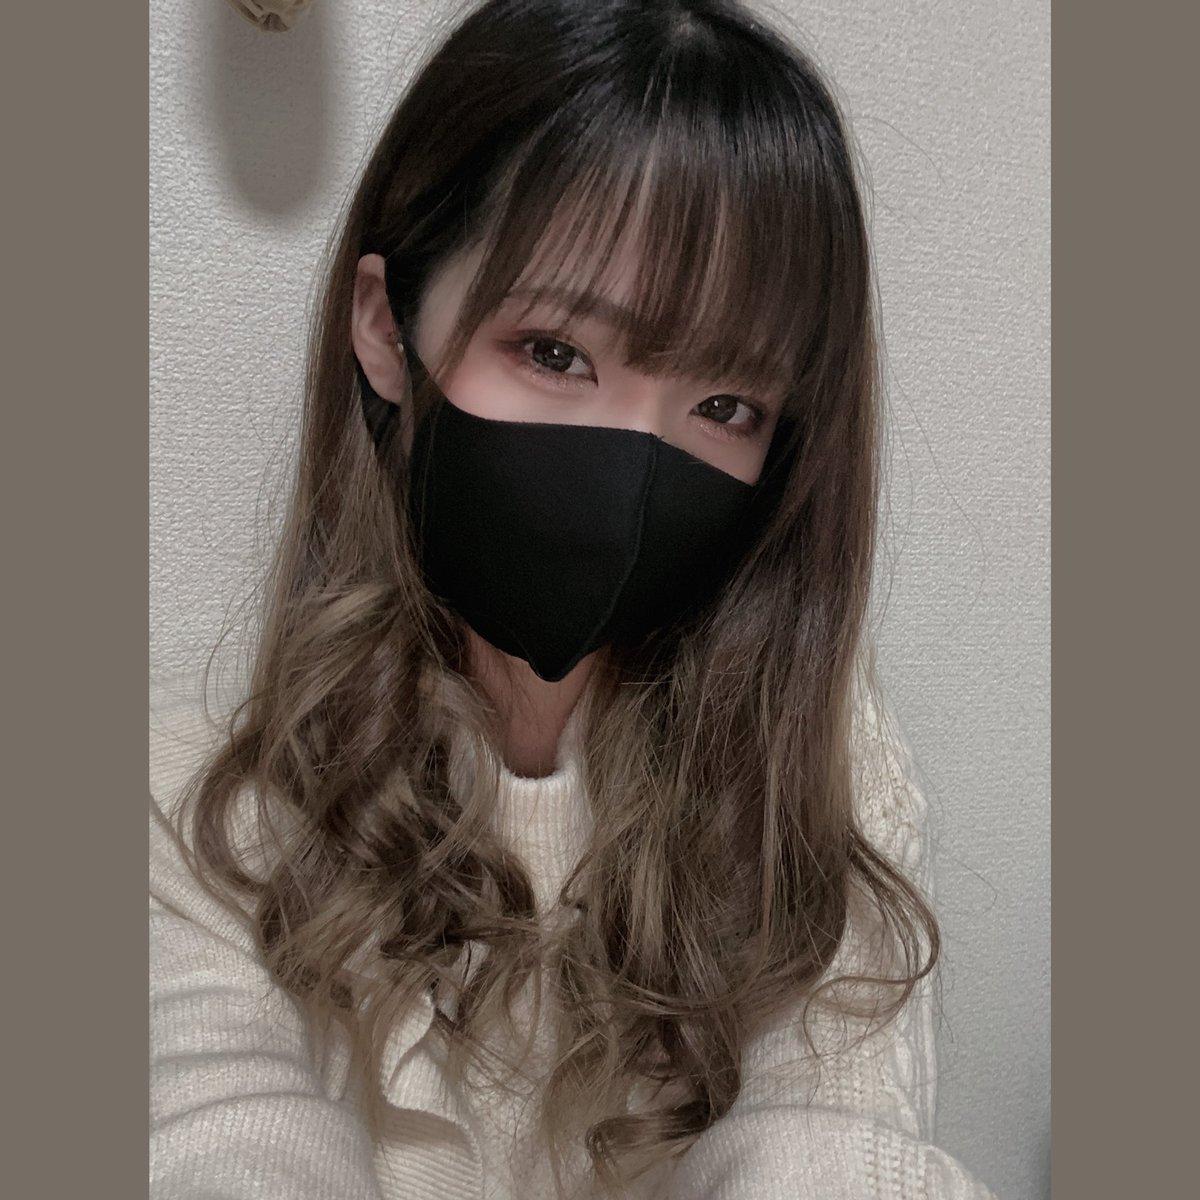 test ツイッターメディア - このマスク、あつ森で最初見た時『だせぇ〜!ゲームだとしても現実だとしても絶対使わねえ〜!』と思ってたけど、コロナで色々変わってマスク必須になってから洗えるしなって使うようになって気づいたらゲーム内でも自然と使ってて草 https://t.co/F5jiPVqhR2